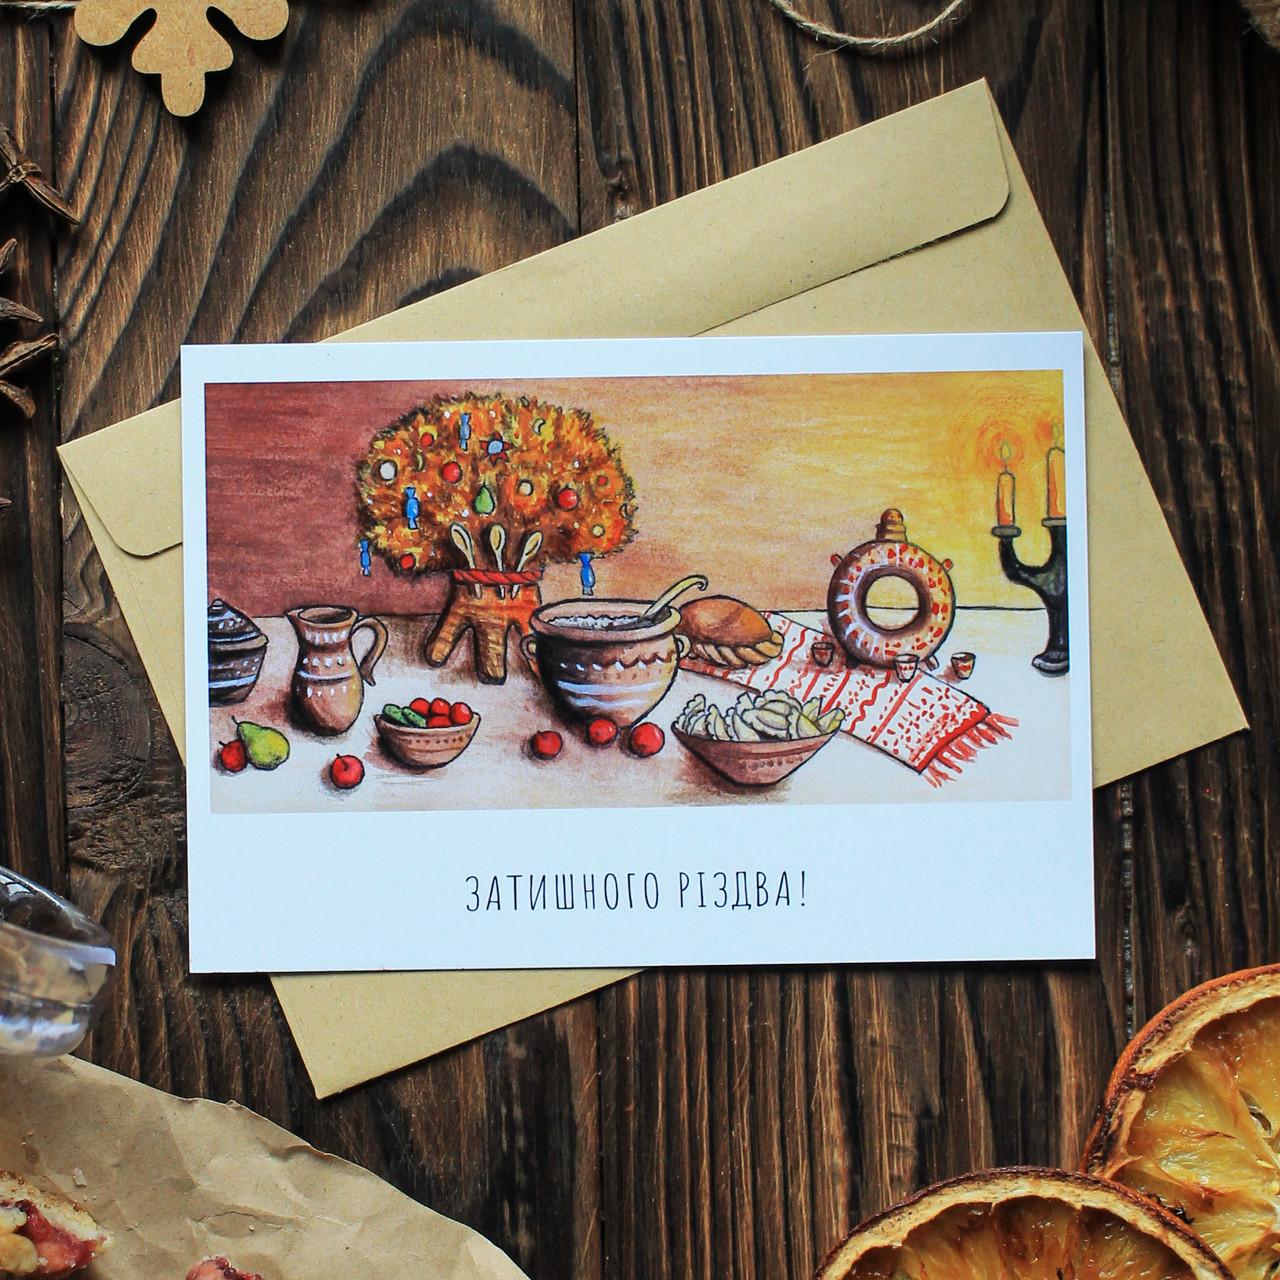 """Открытка """"Затишного різдва"""". Рождественская открытка. Three Bananas Новый год"""